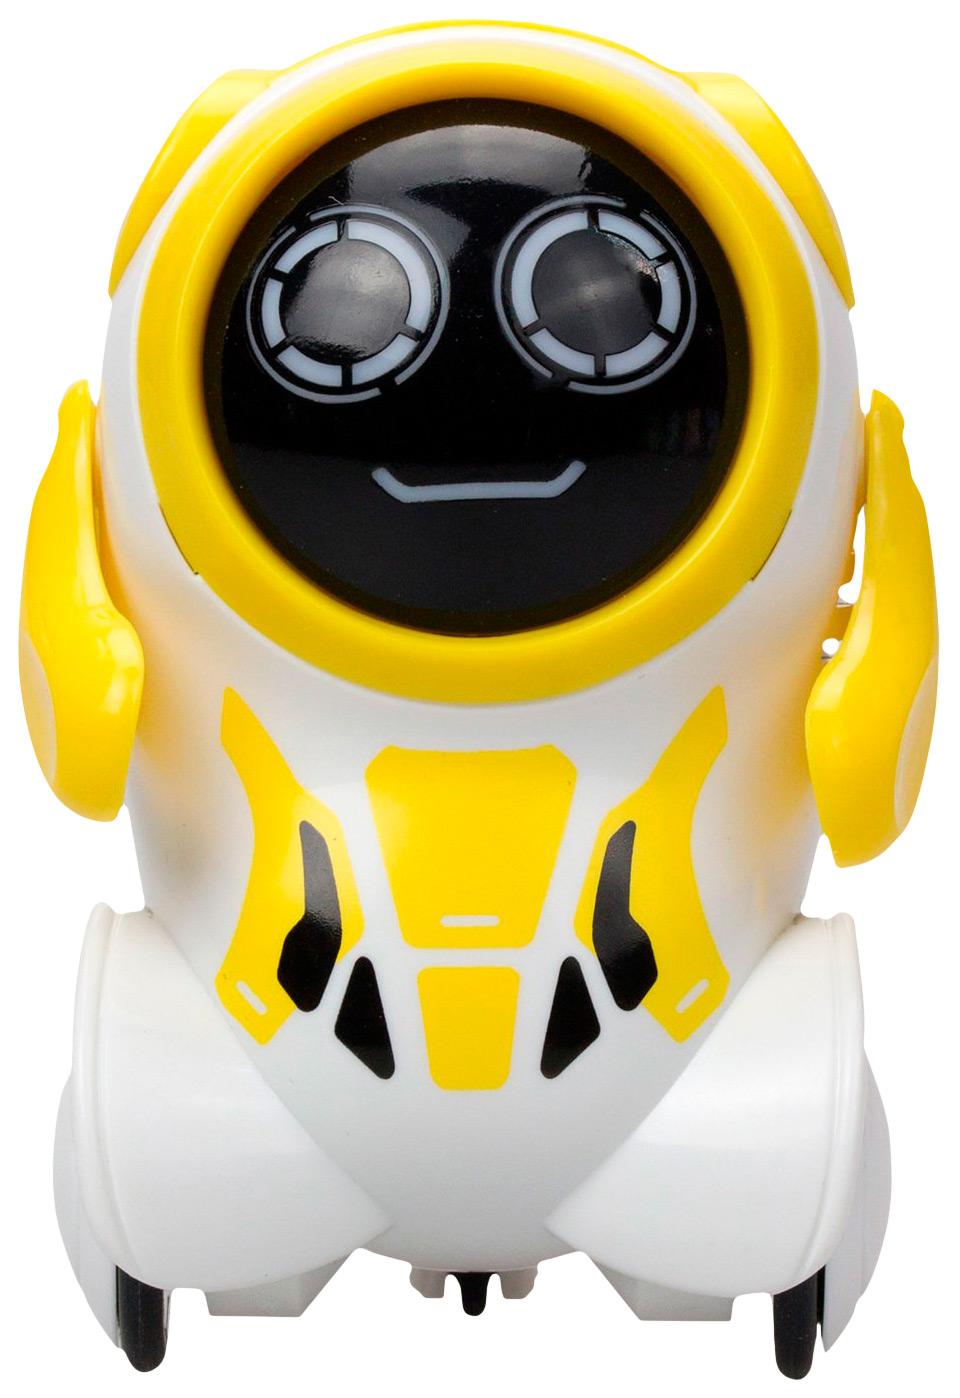 Купить Интерактивный робот Silverlit YCOO Покибот 88529S-3, Интерактивные роботы